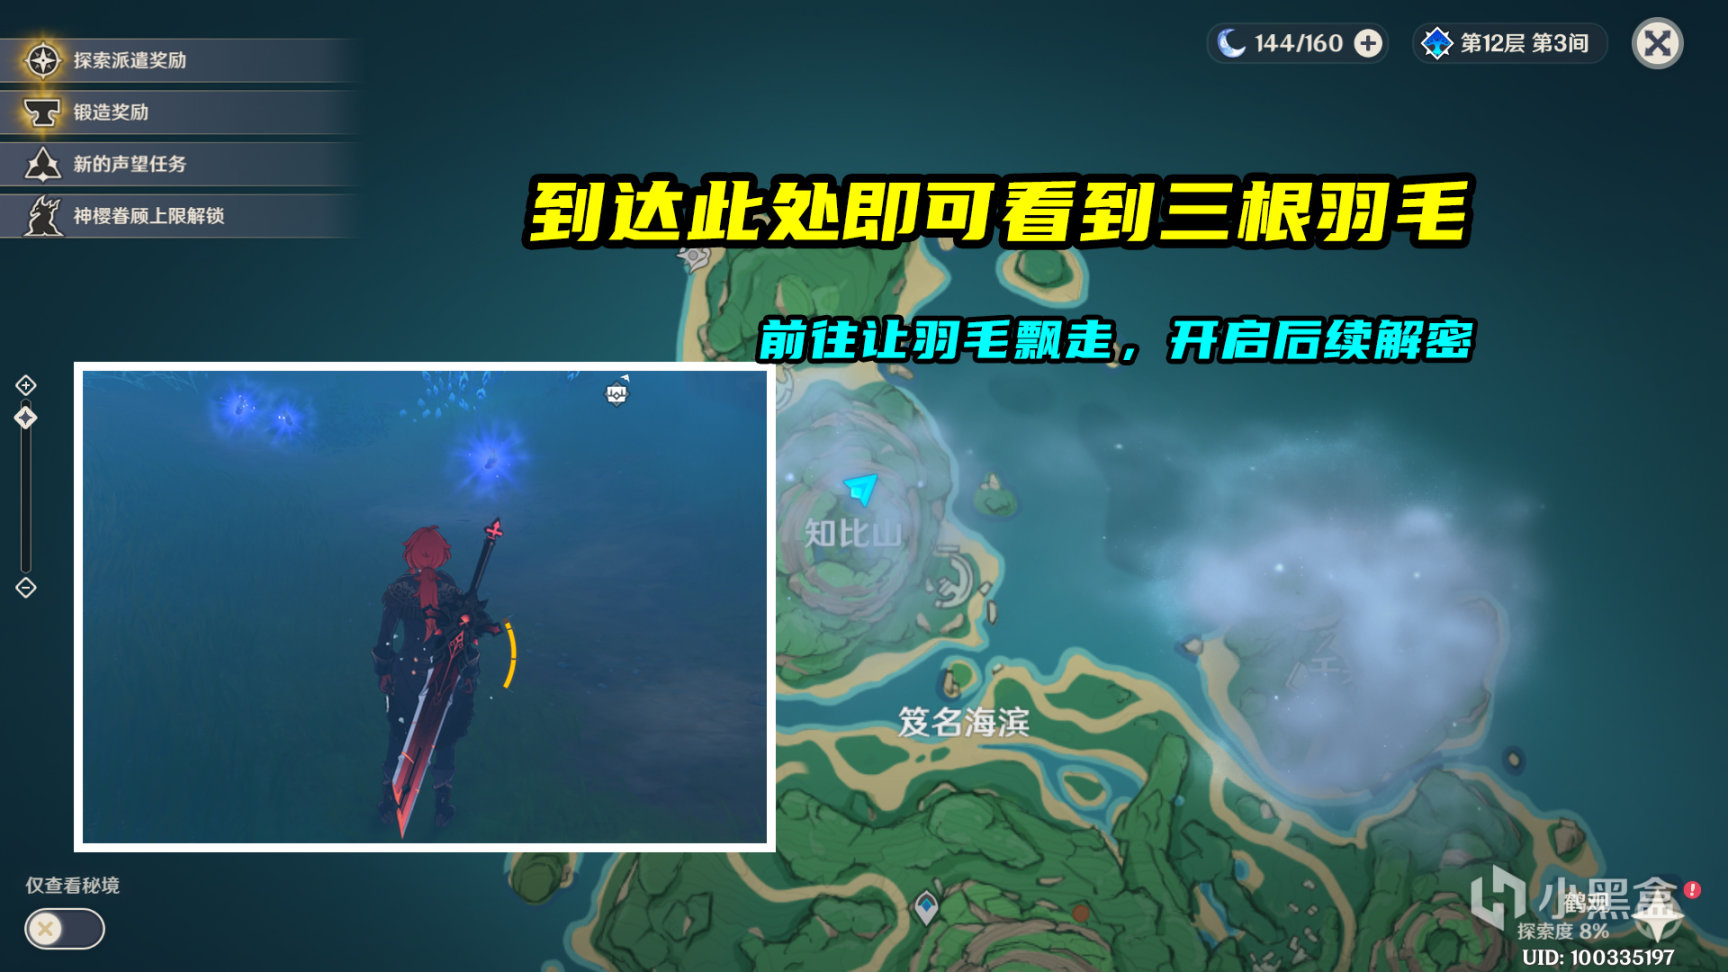 【雾海纪行】最详细的全攻略(多图警告)插图34